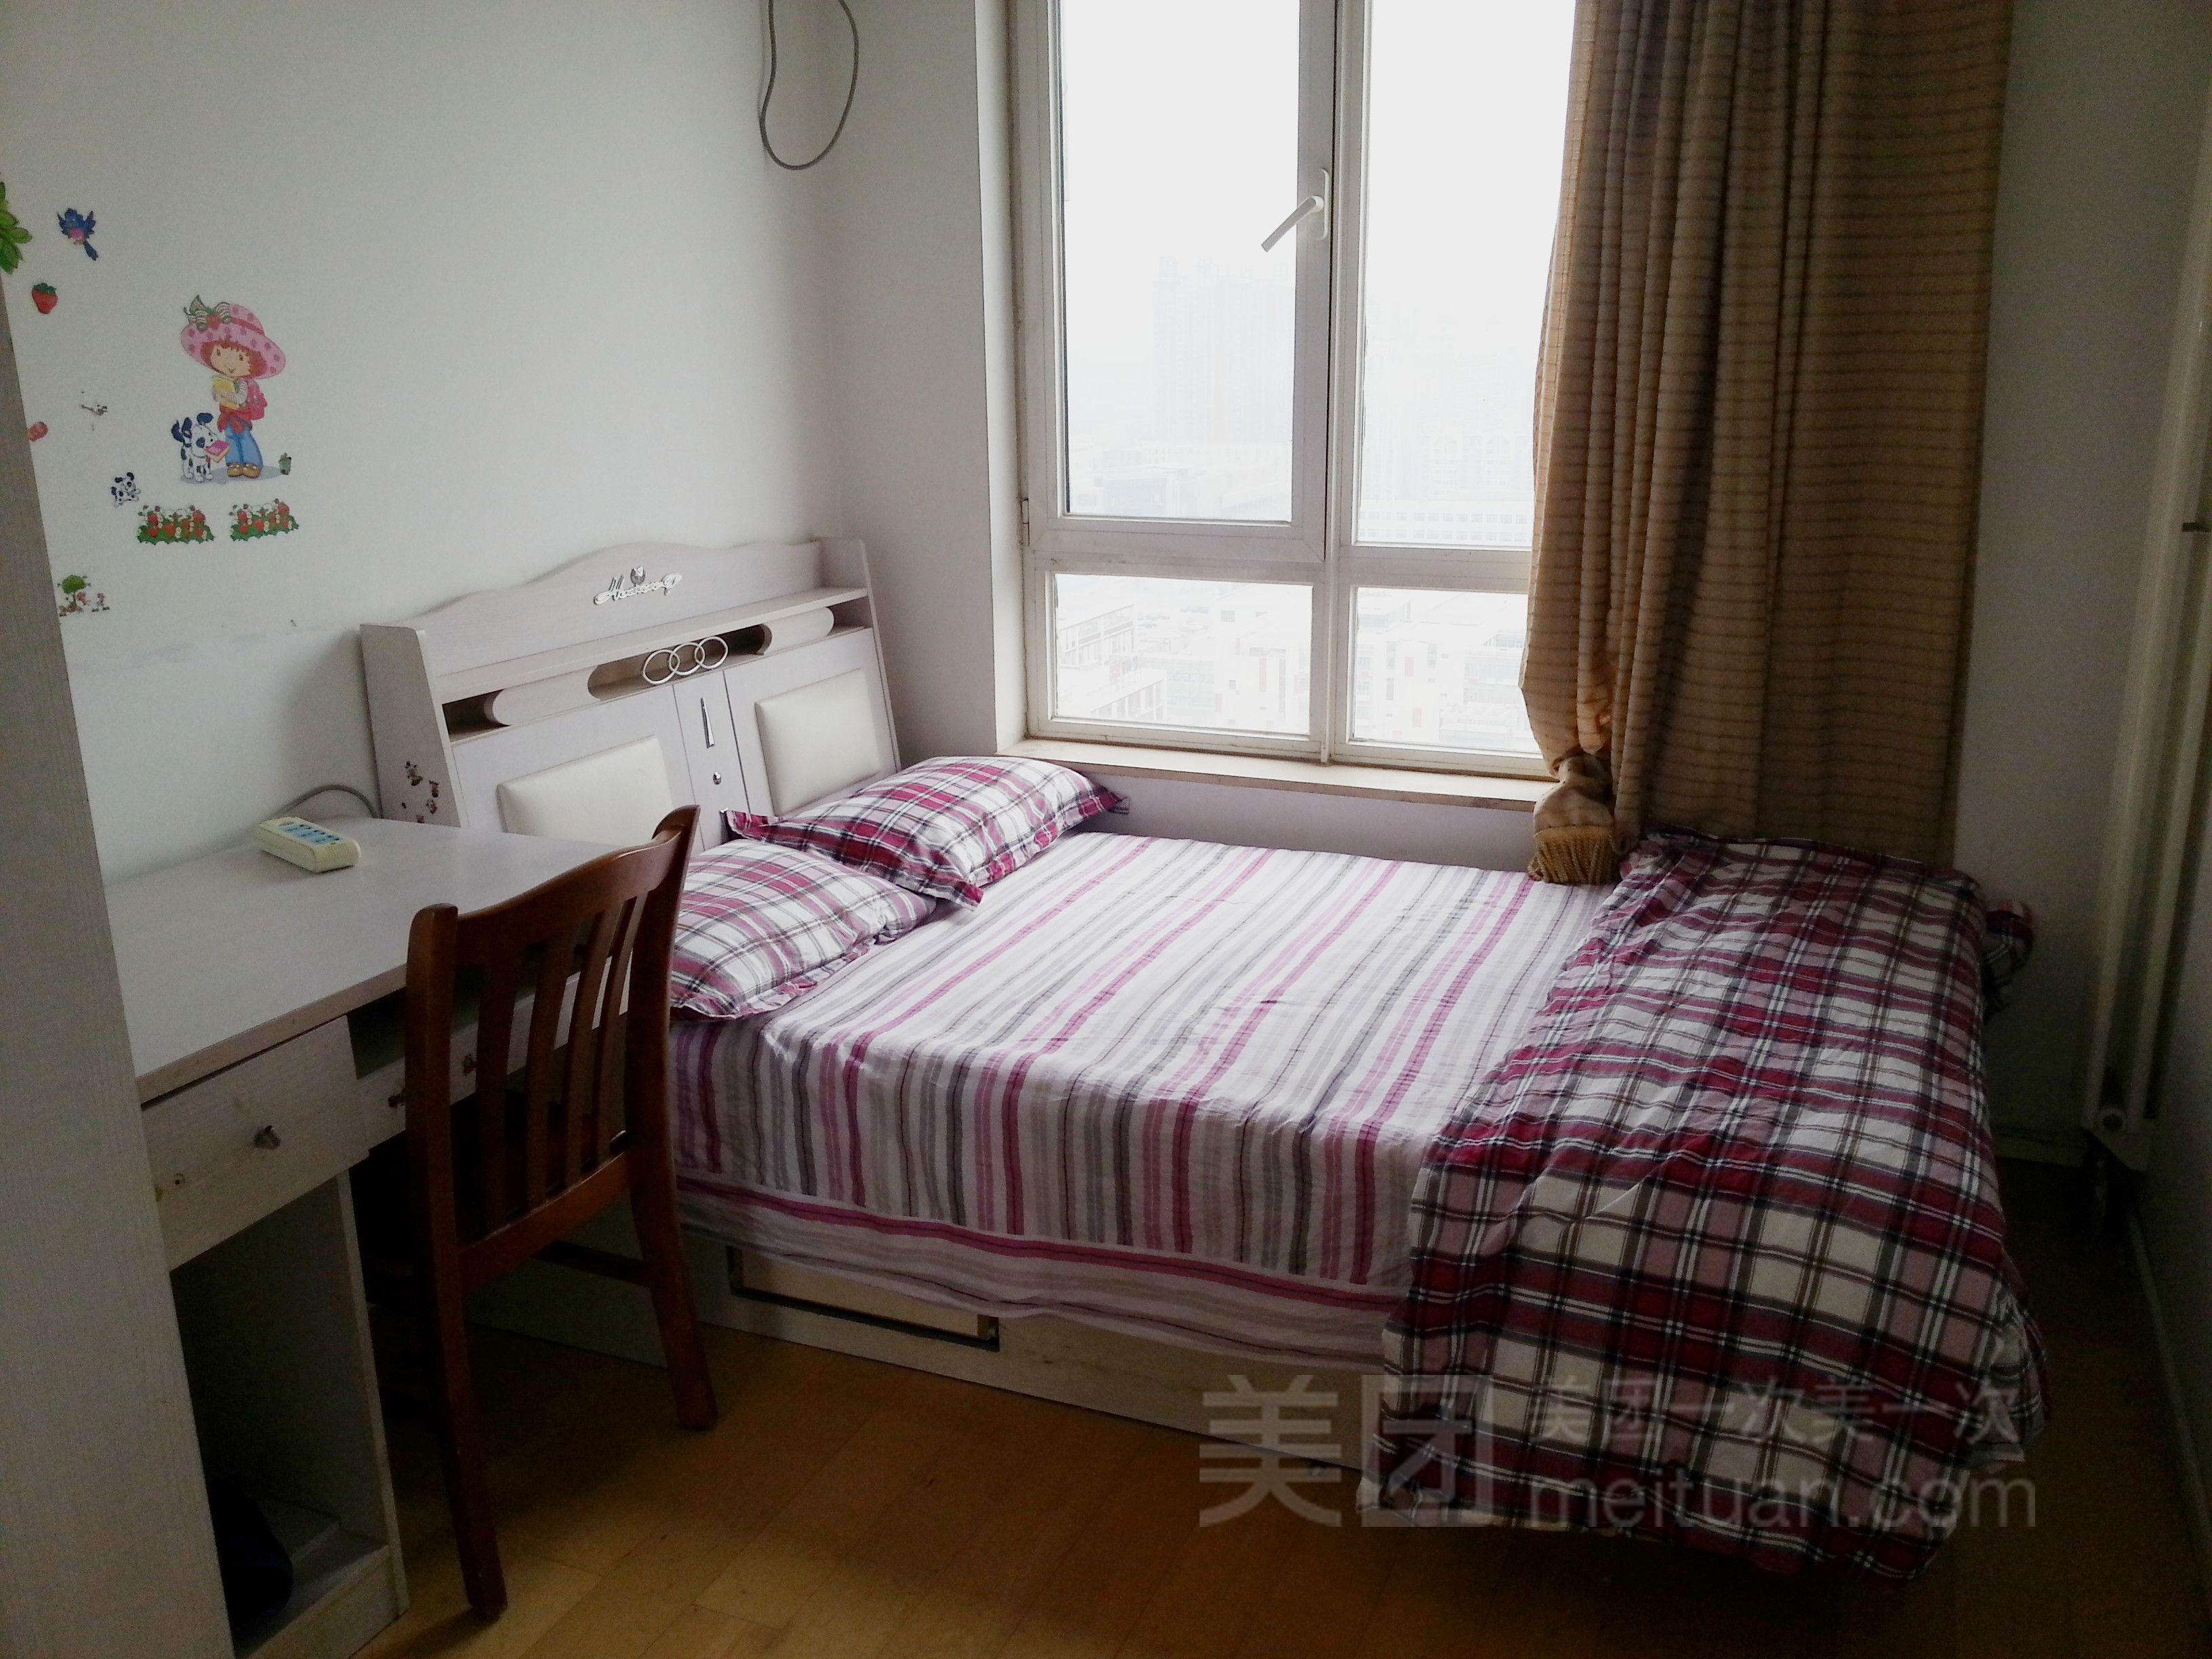 北京含雅公寓苹果社区店预订/团购